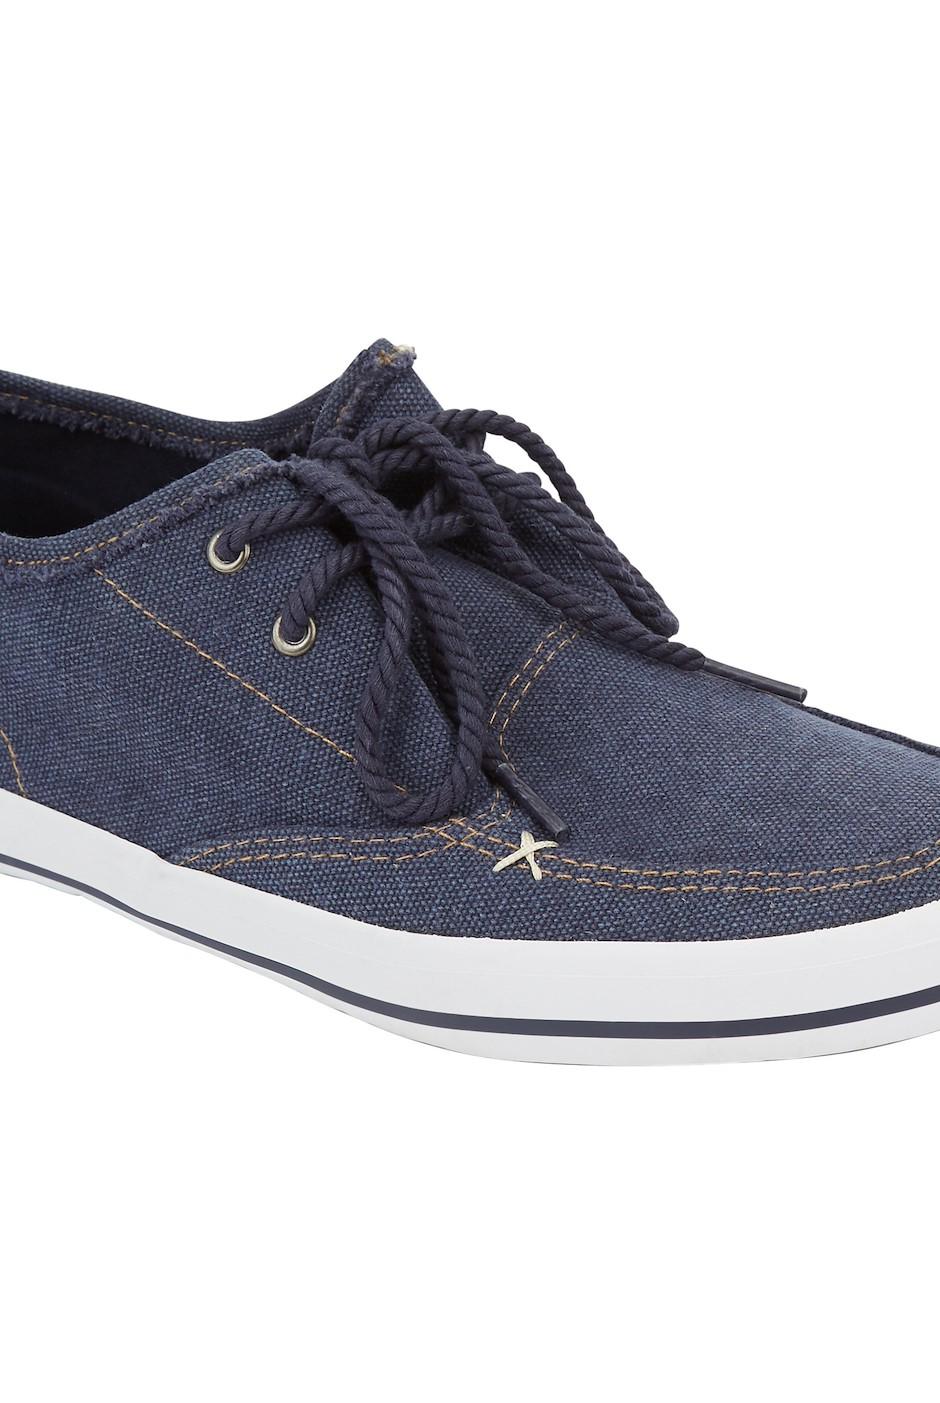 Harrison Canvas Lace Up Shoe Navy